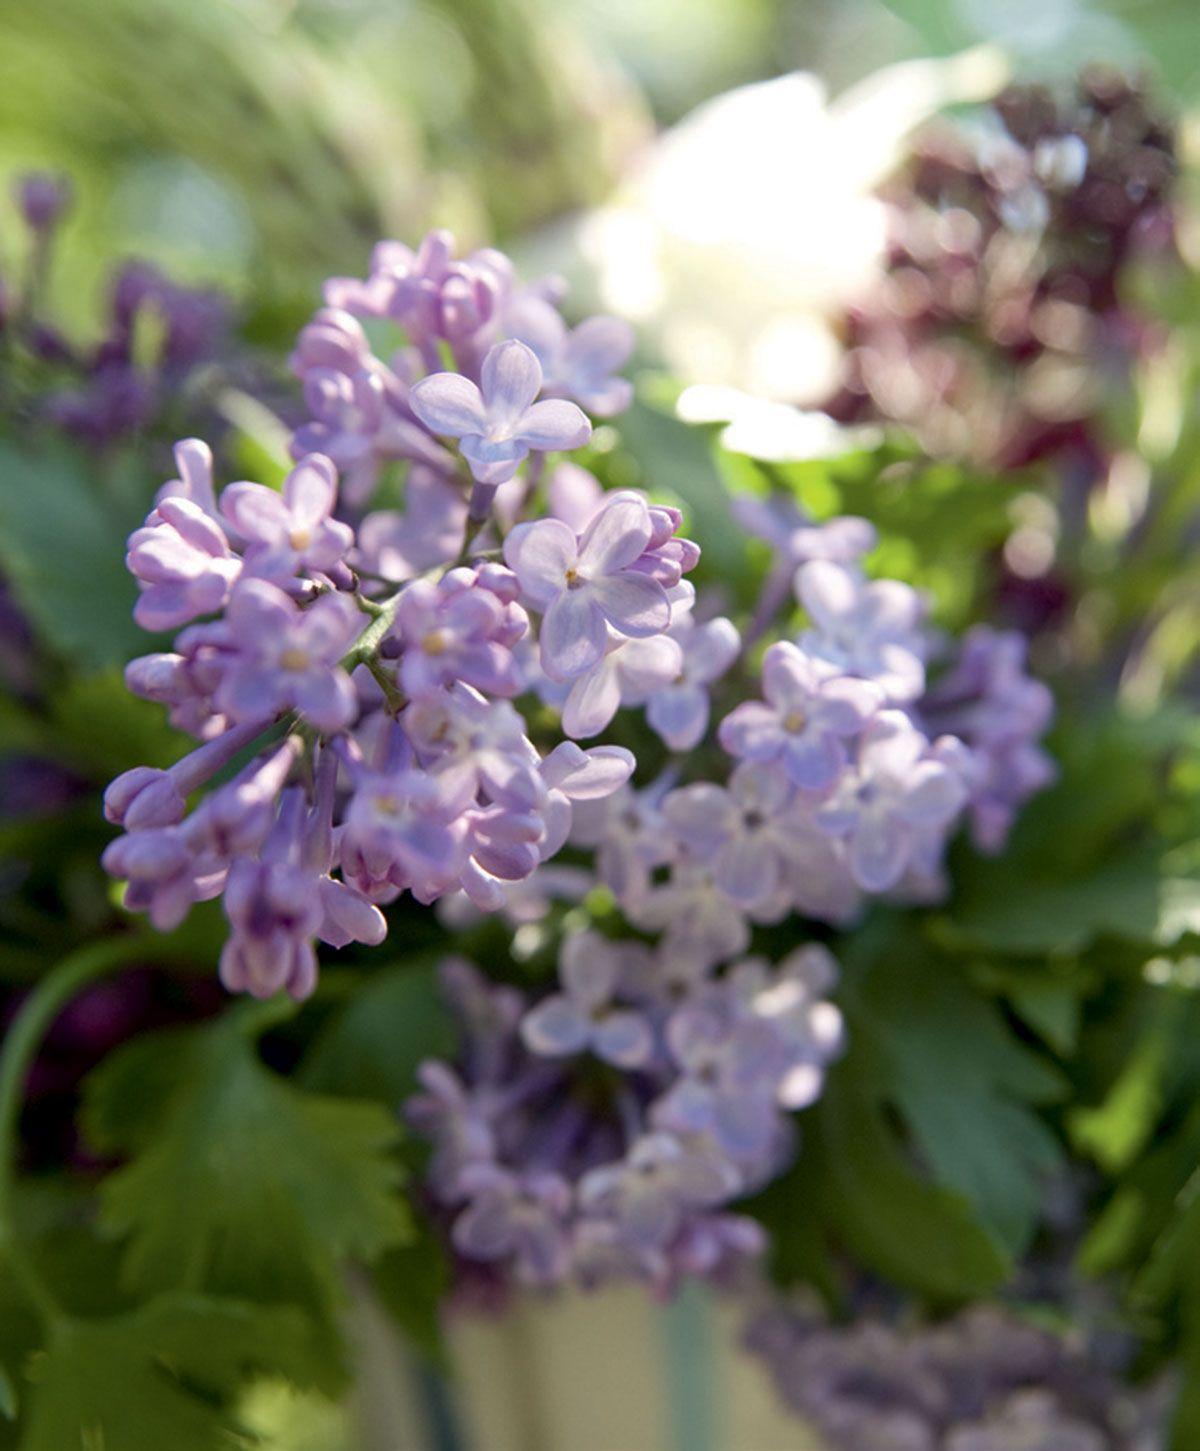 Syreenin huumaava tuoksu kuuluu kesään. Alkukesän lämpöisyydestä riippuen sen kukinta ajoittuu toukokuun lopusta kesäkuulle.